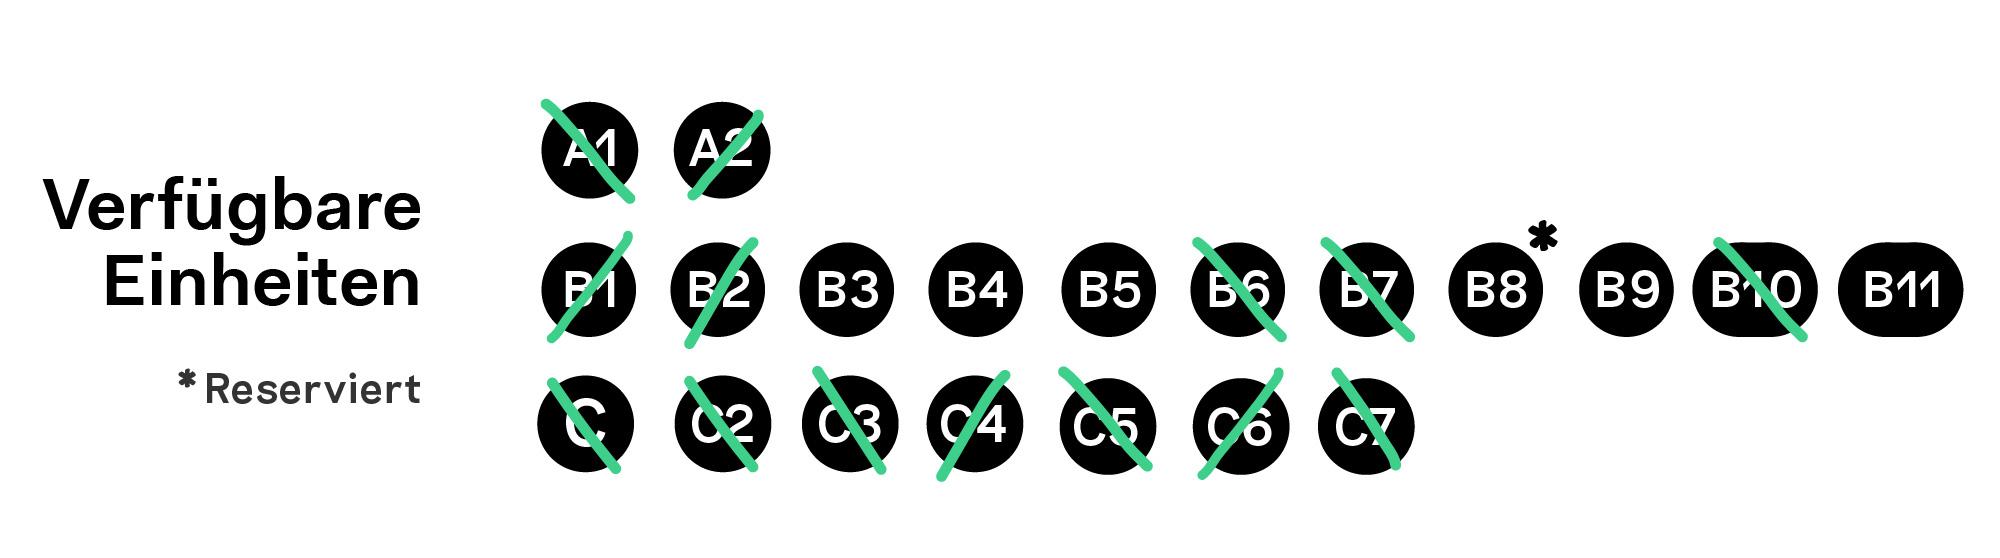 Park 6 - Verfügbare Einheiten